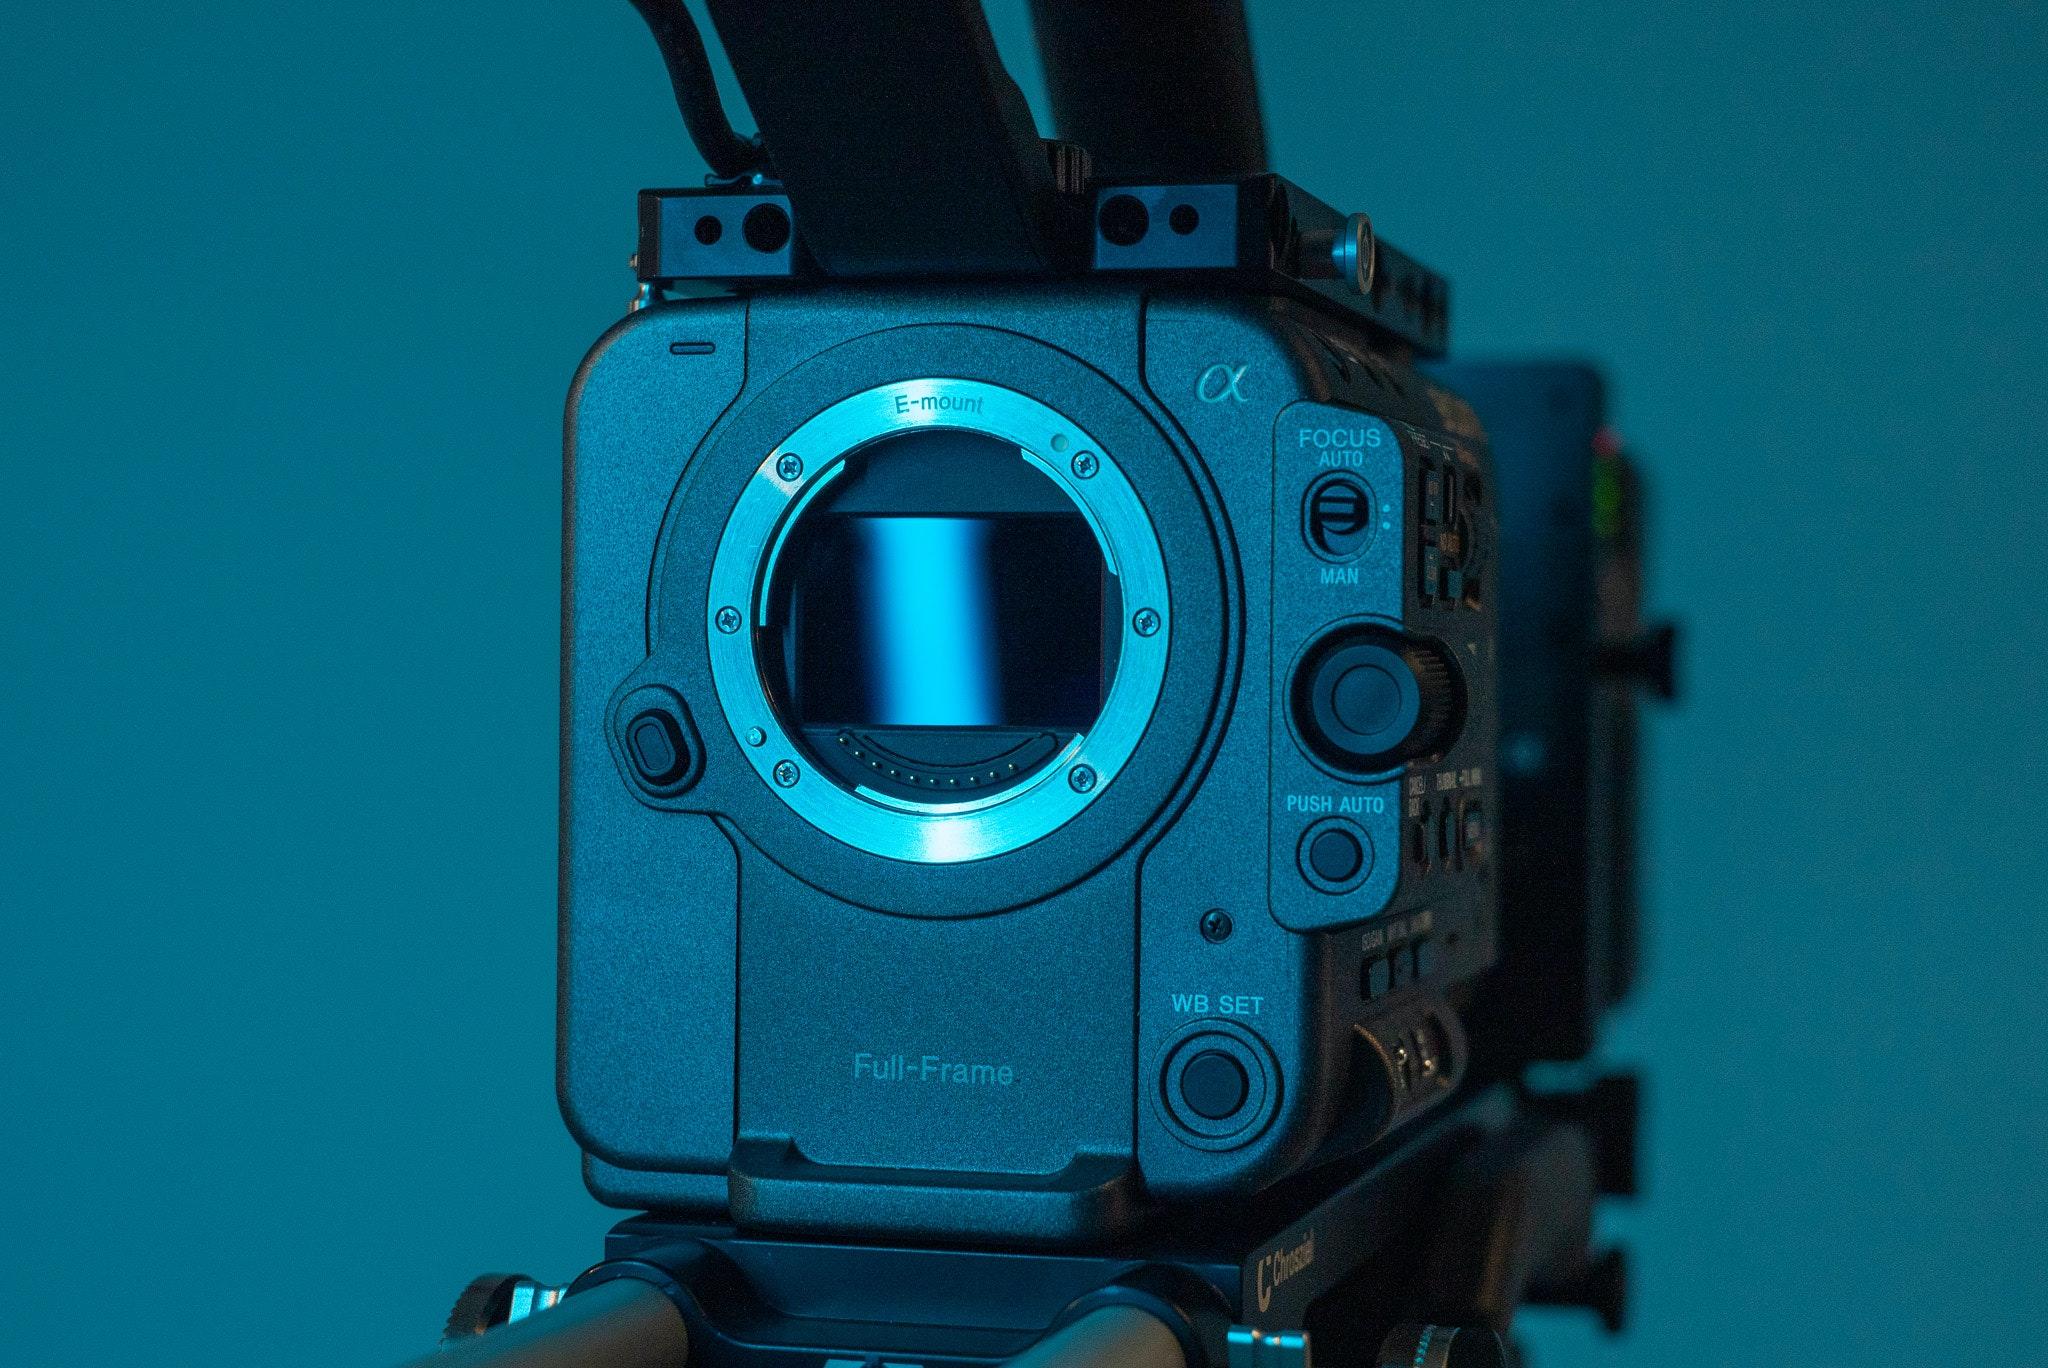 Sony Fx6 full frame sensor